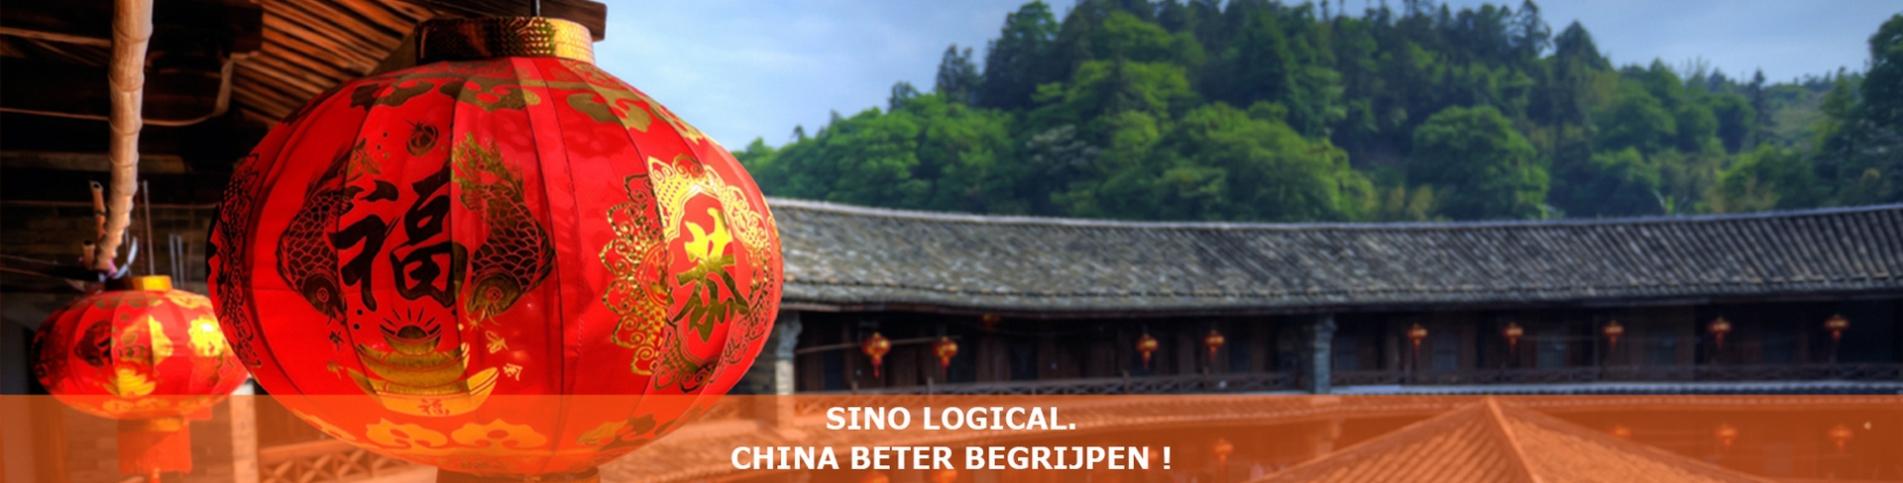 leraar school chinees docent chinese taal Monica Chen les cursus leren het gooi vechtstreek eemland